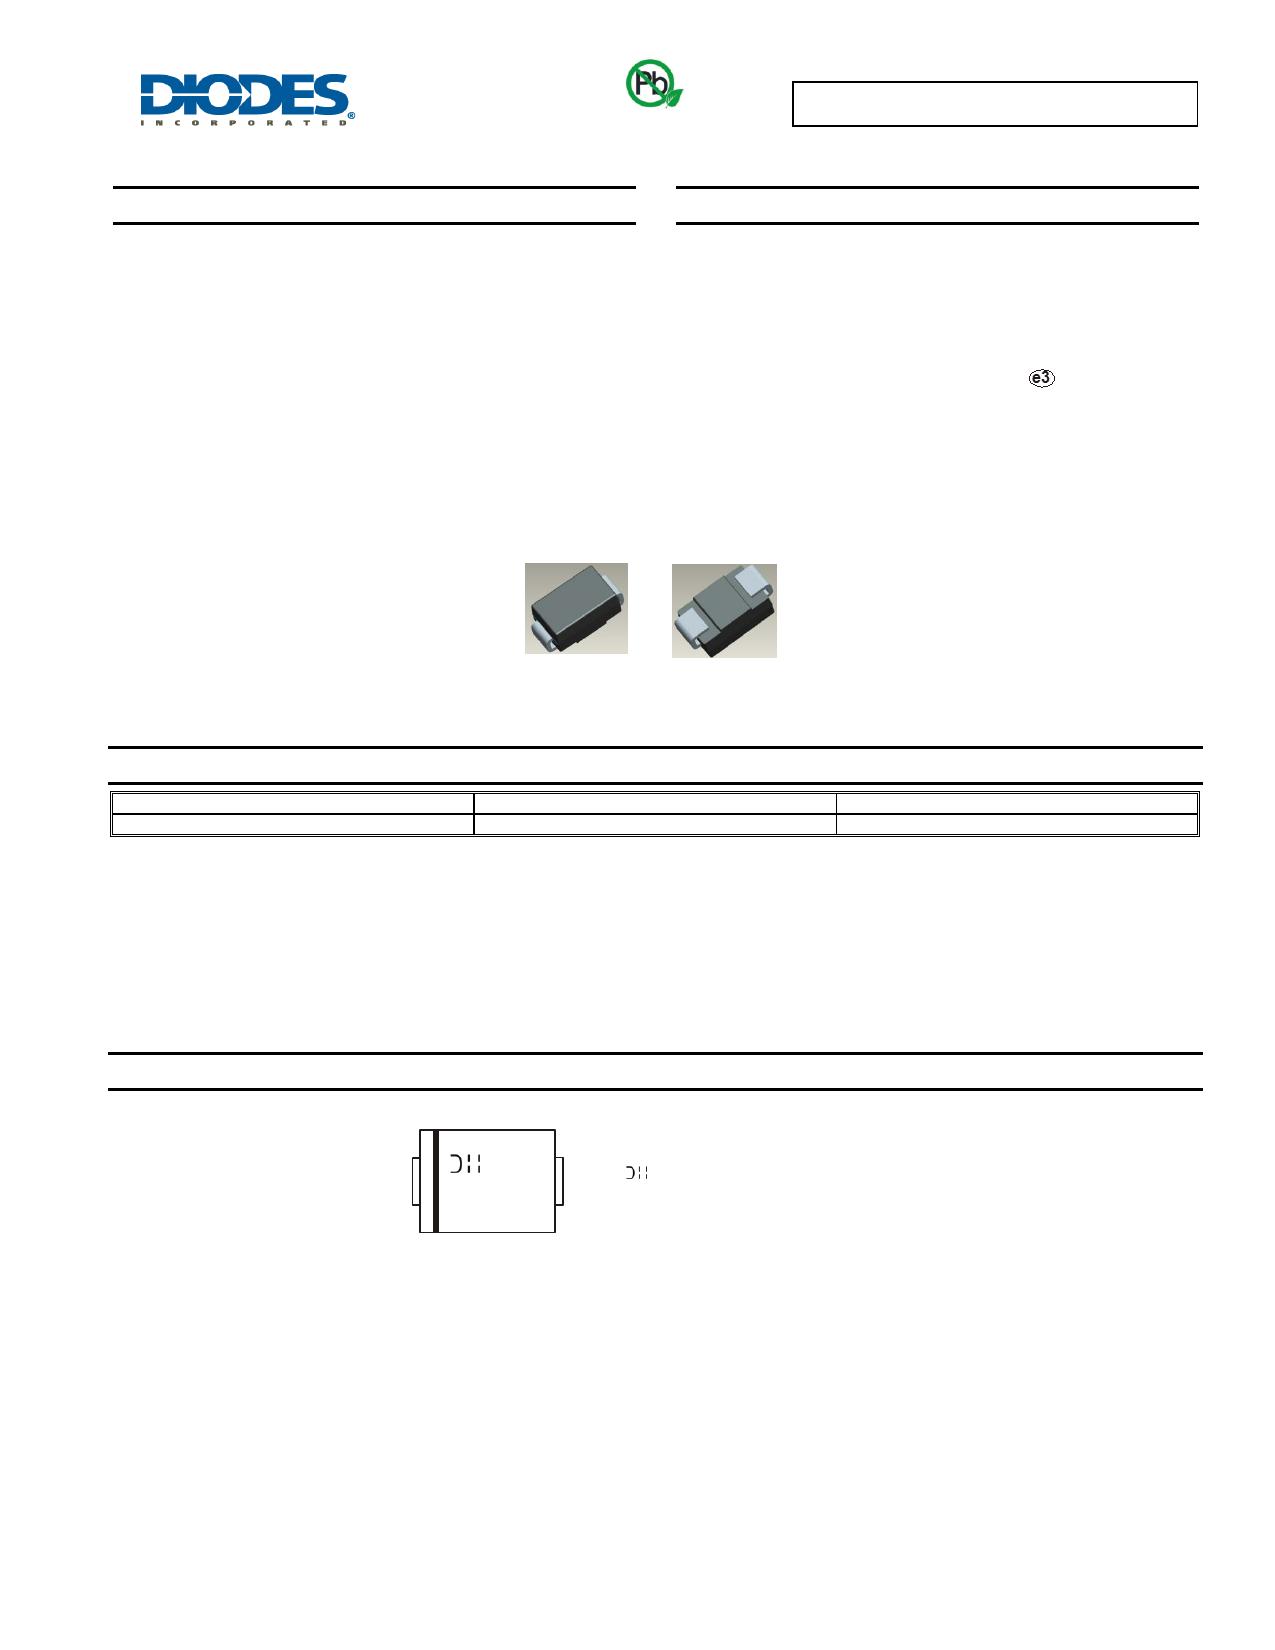 SMAJ60CA datasheet